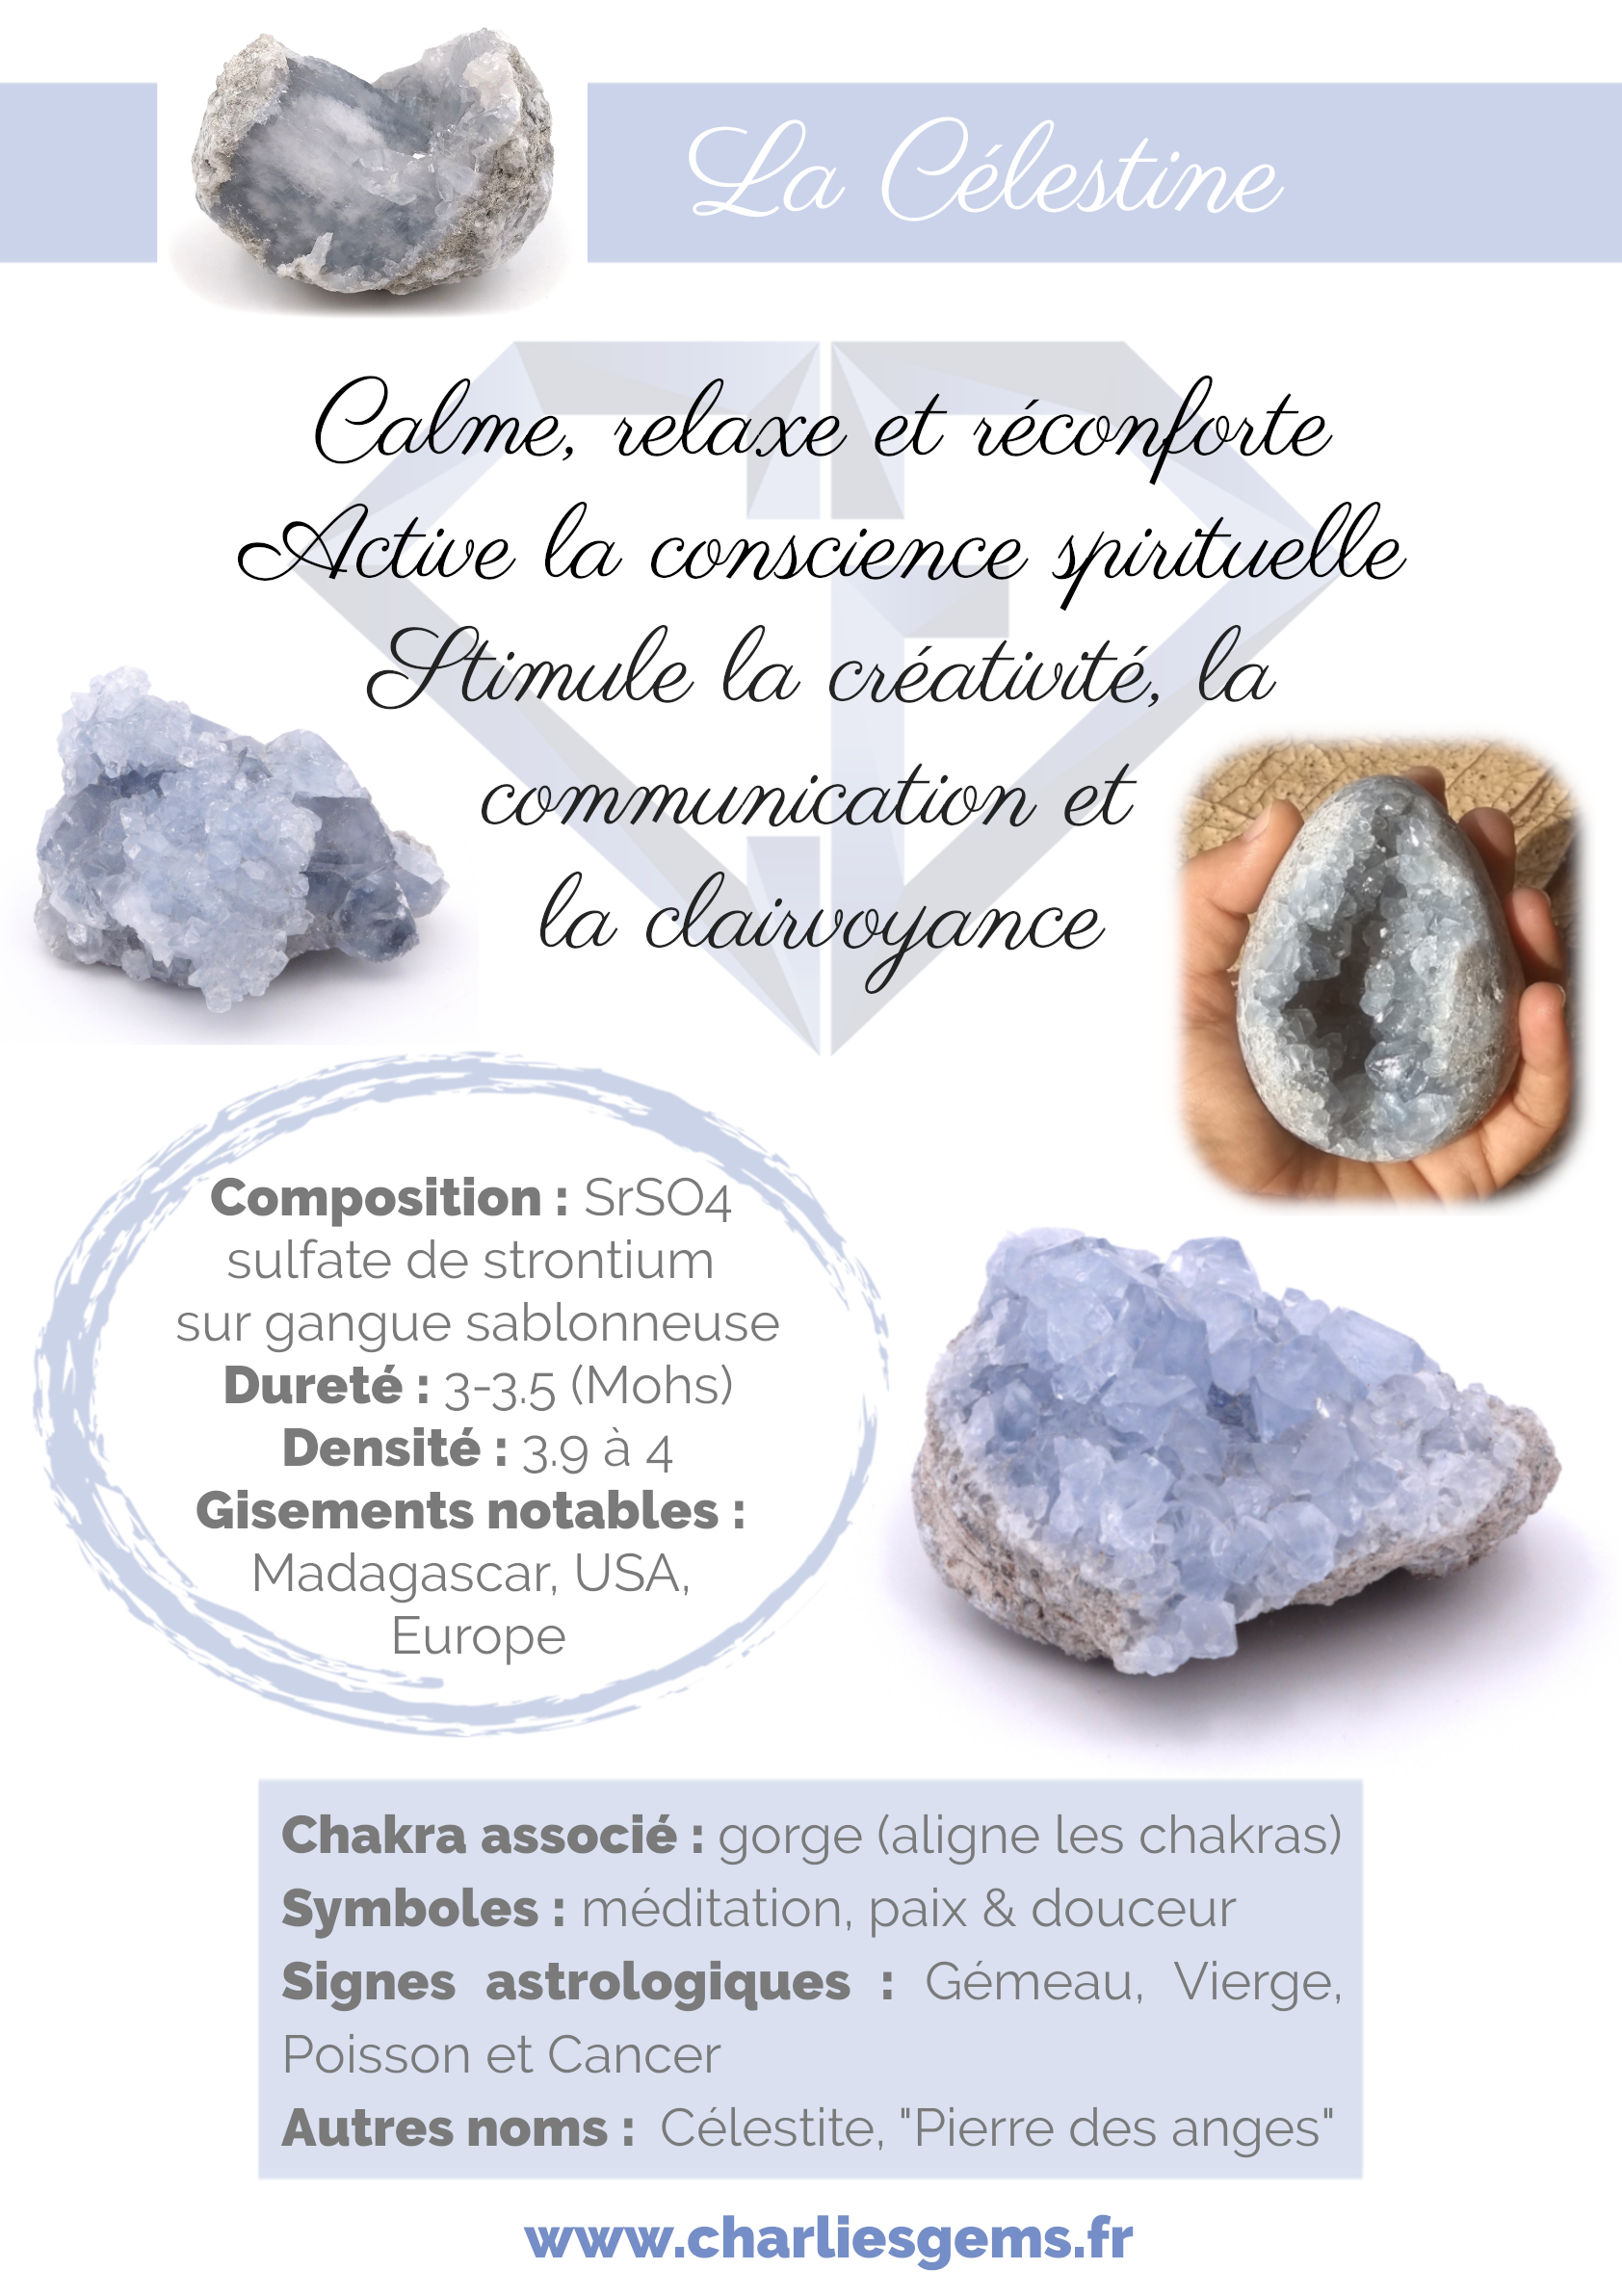 Fiche de présentation de la Célestine (description, lithothérapie, propriétés) - Par Charlie's Gems